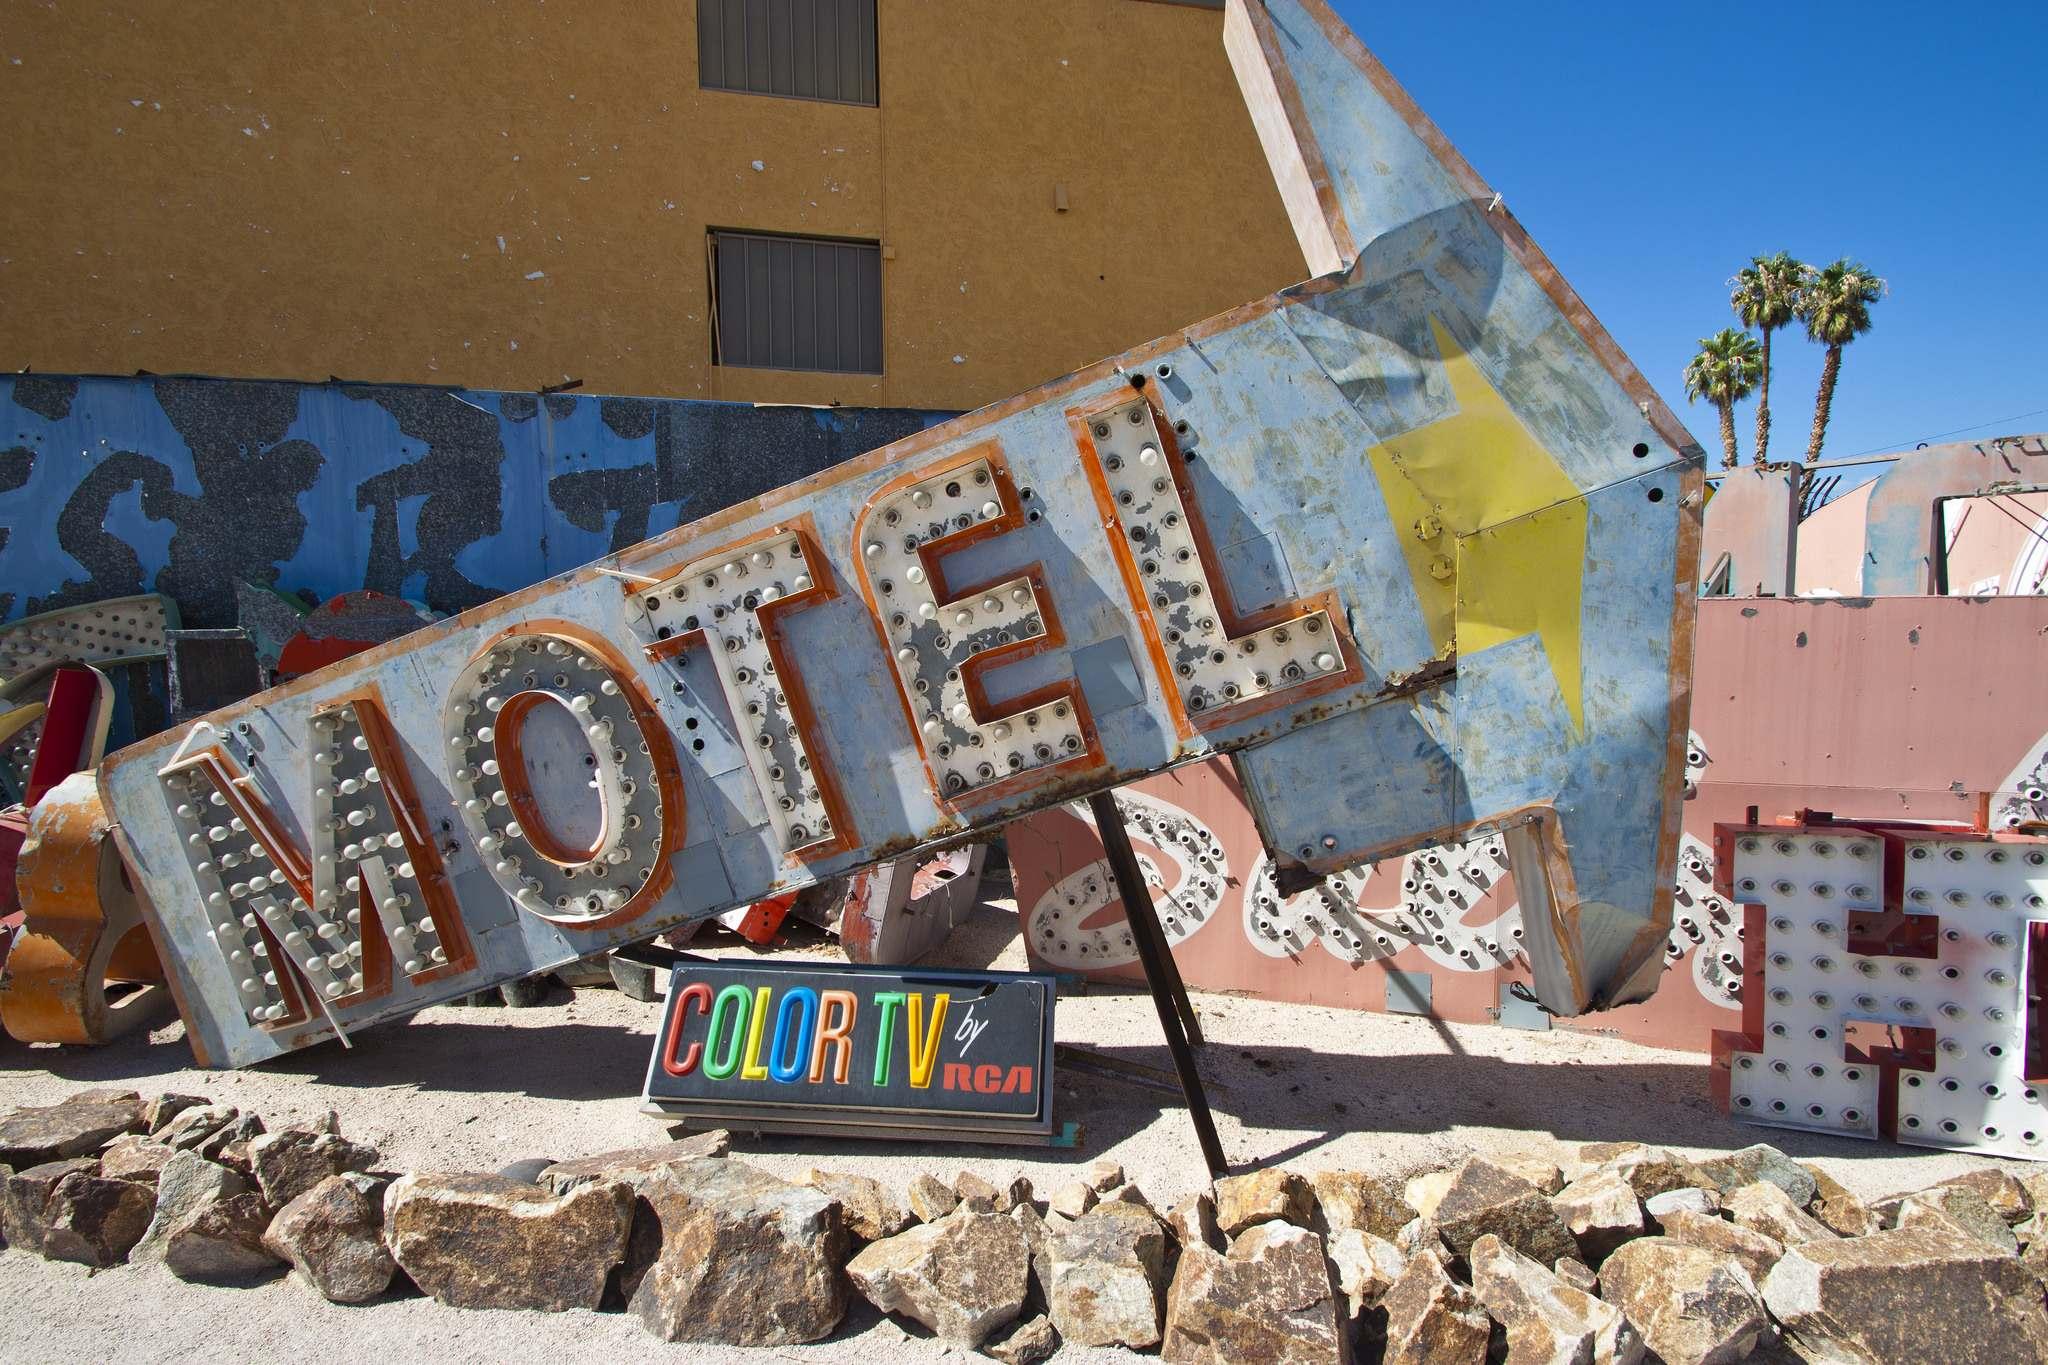 neon boneyard9 Las Vegas Neon Boneyard